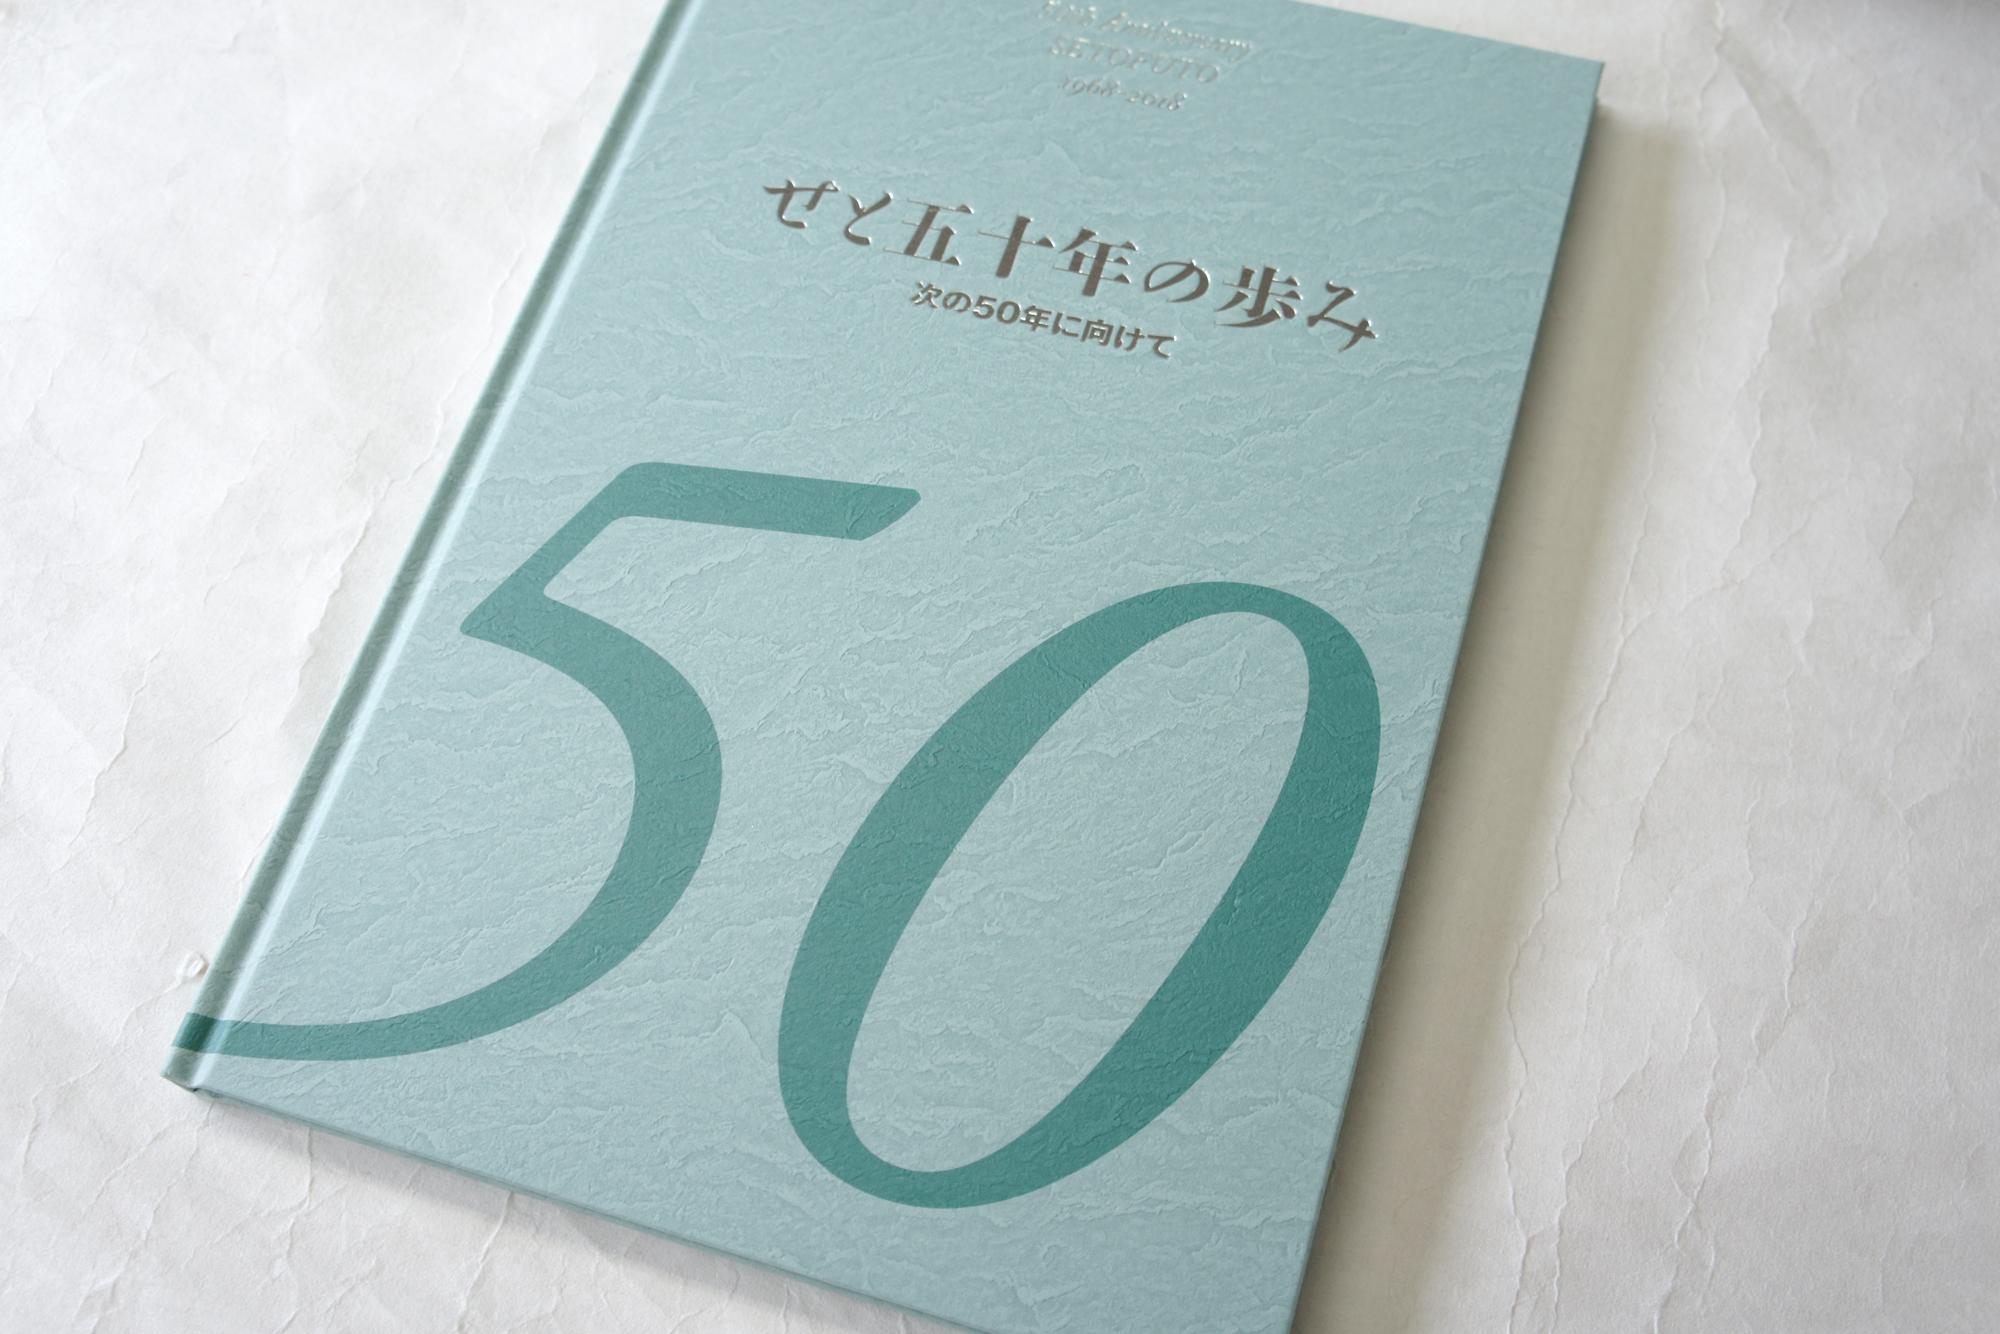 『せと五十年の歩み――次の50年に向けて』表紙